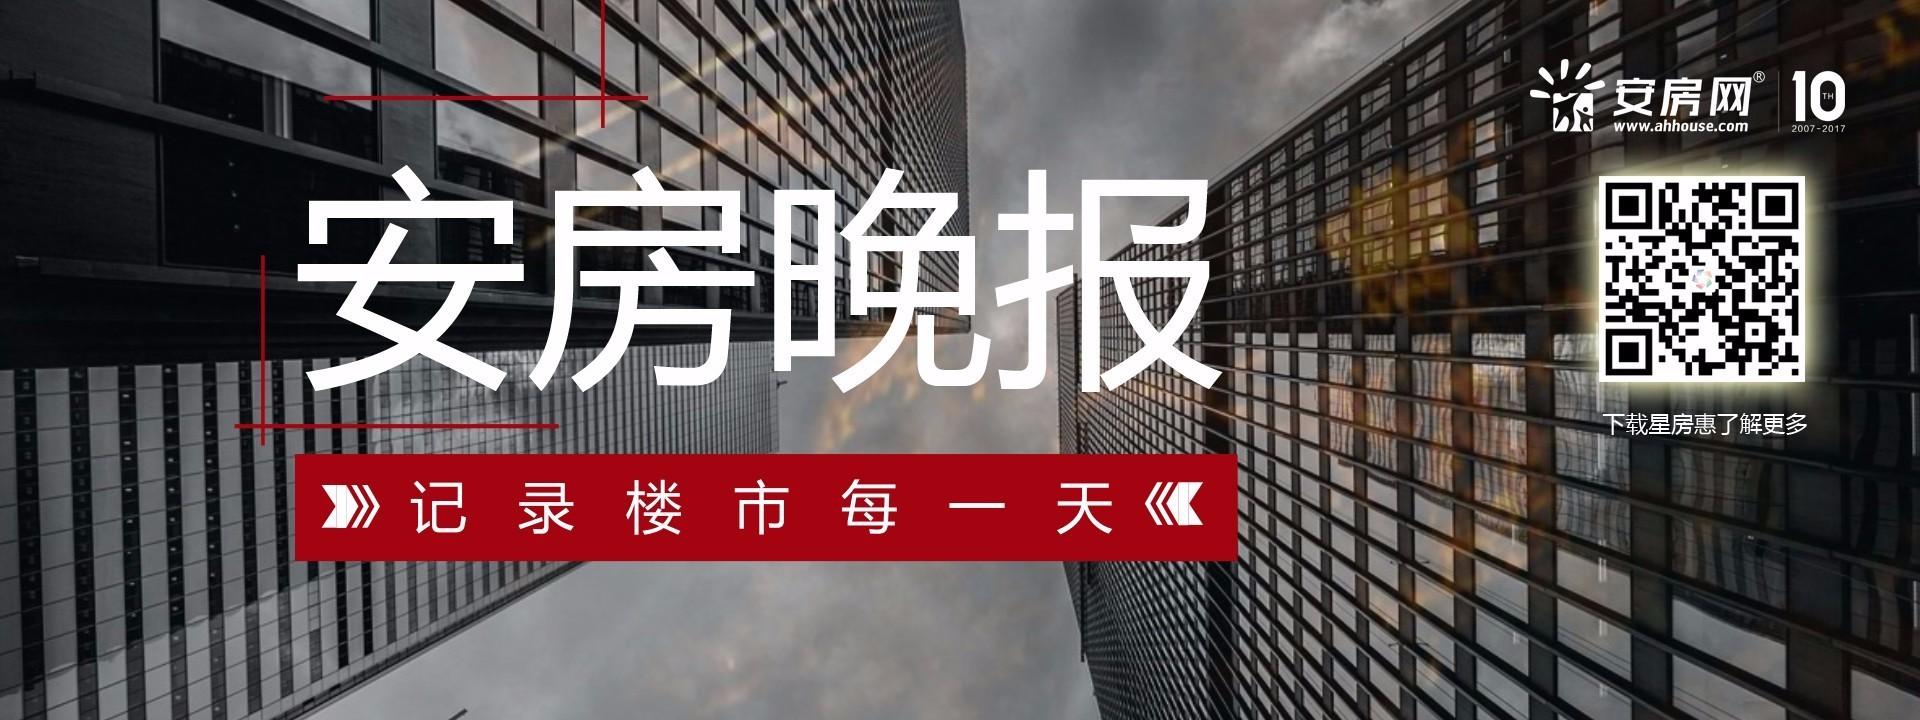 2.6安房网晚报:12至2月安庆推出9宗地块约1277亩